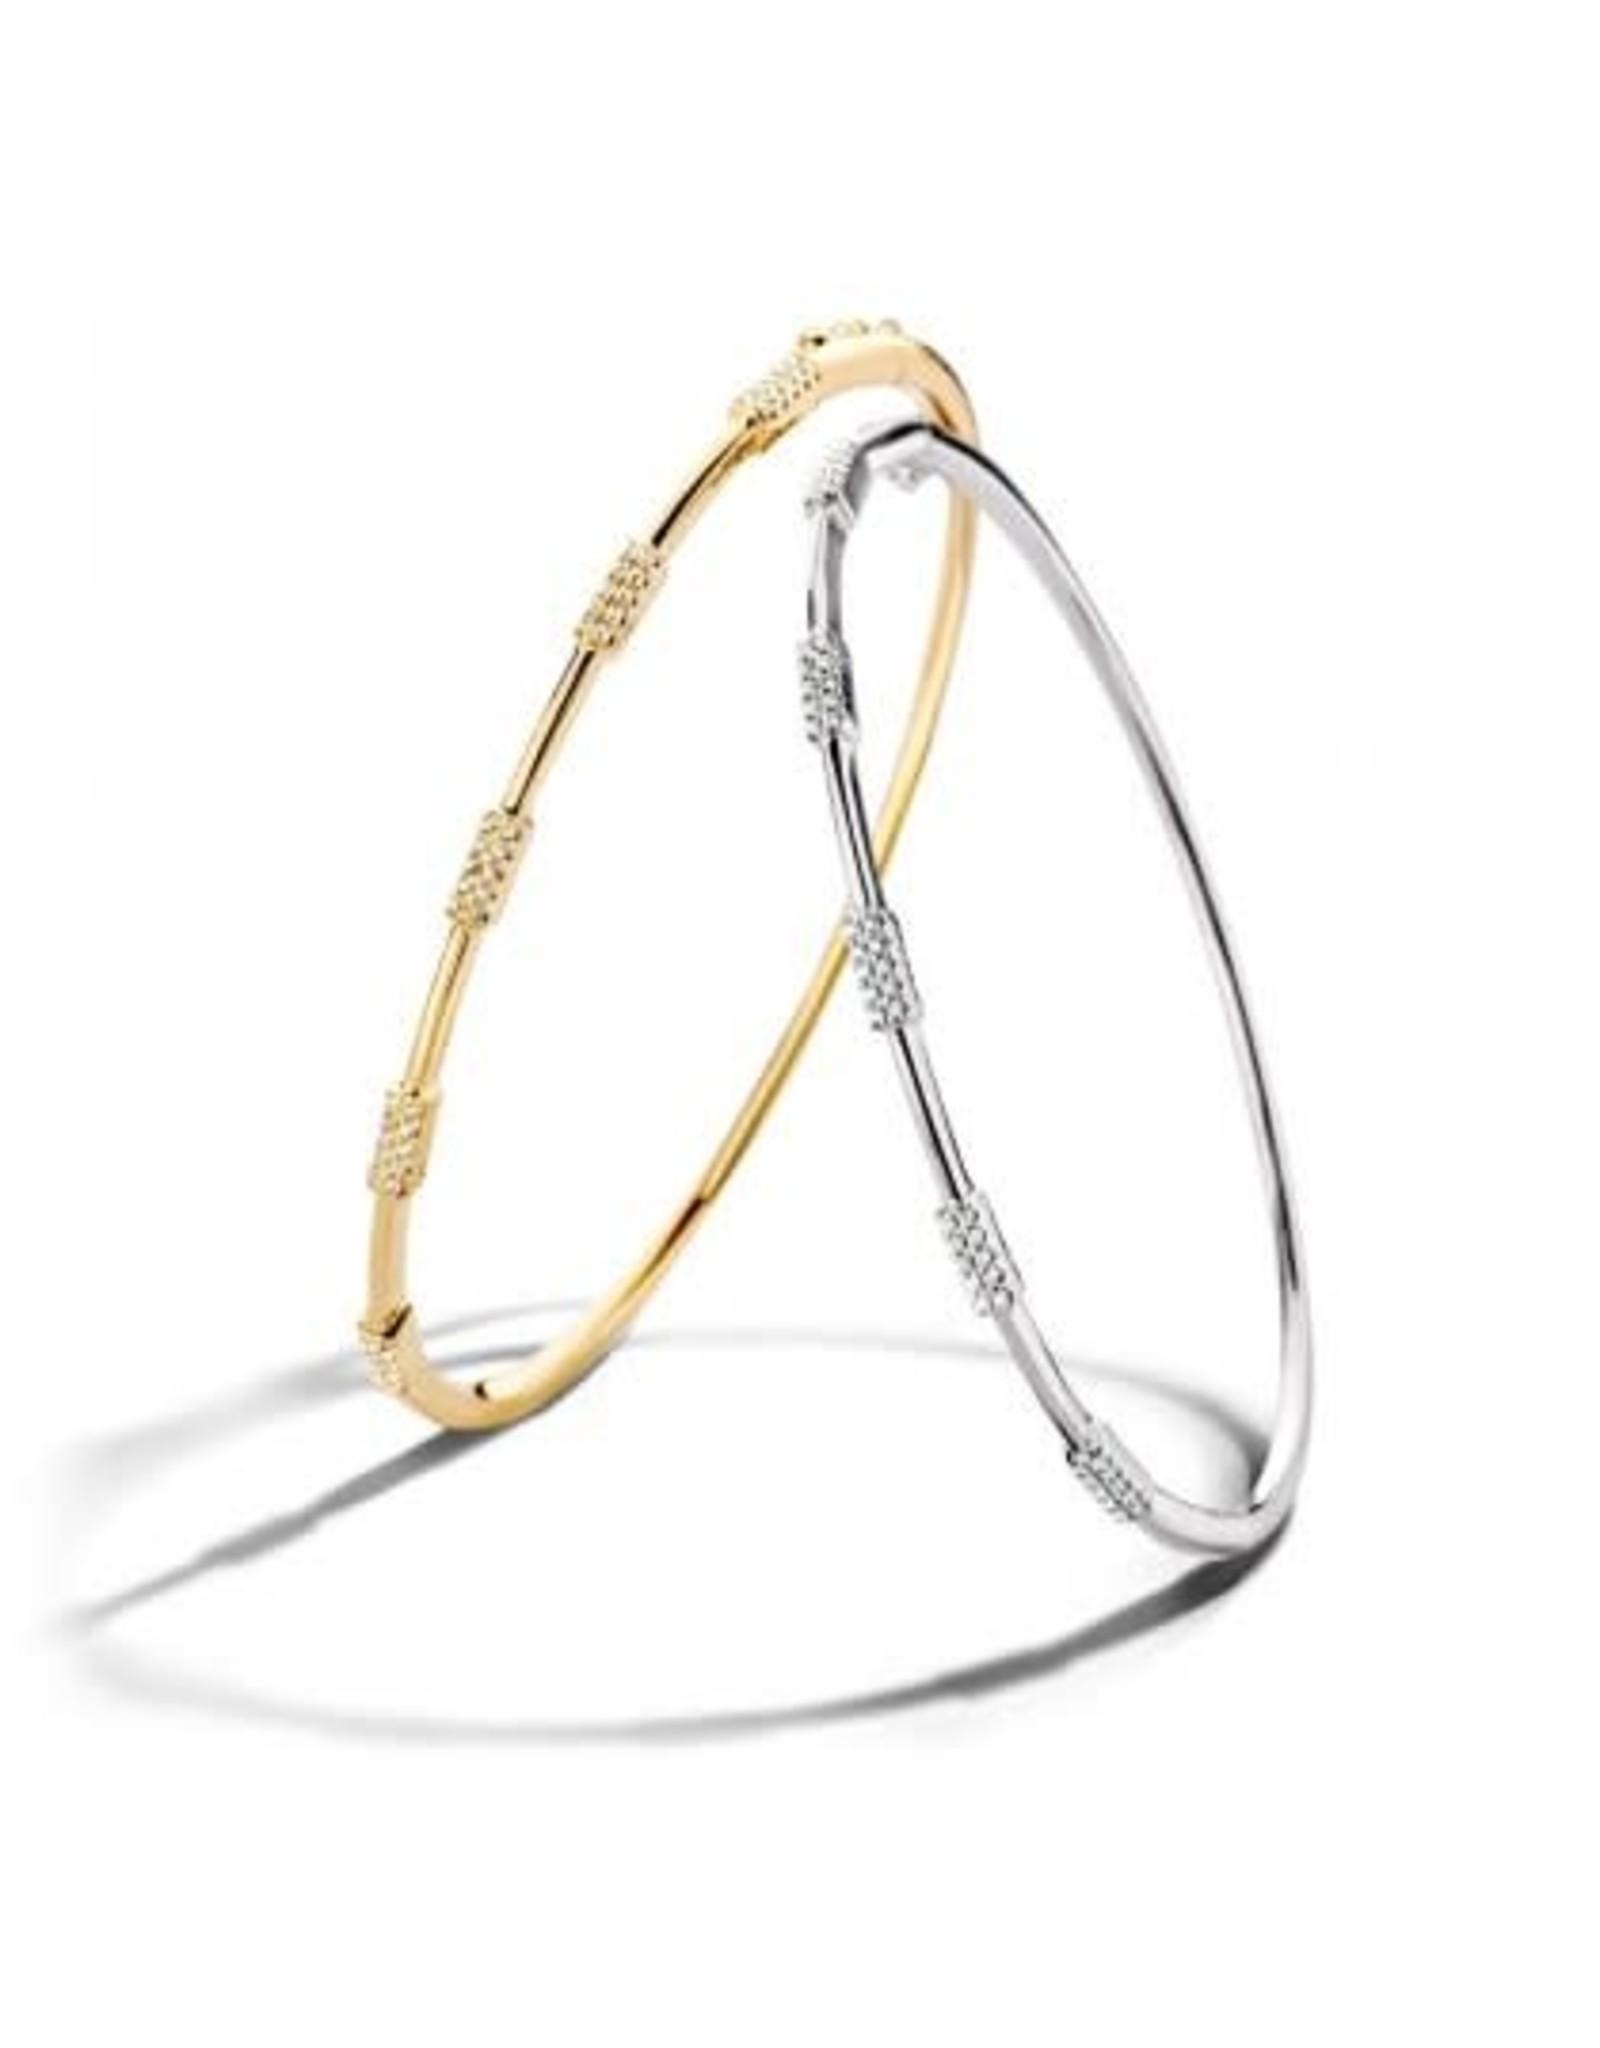 Dulci Nea Armband Esclave Geel Goud 18kt G42900-9Y